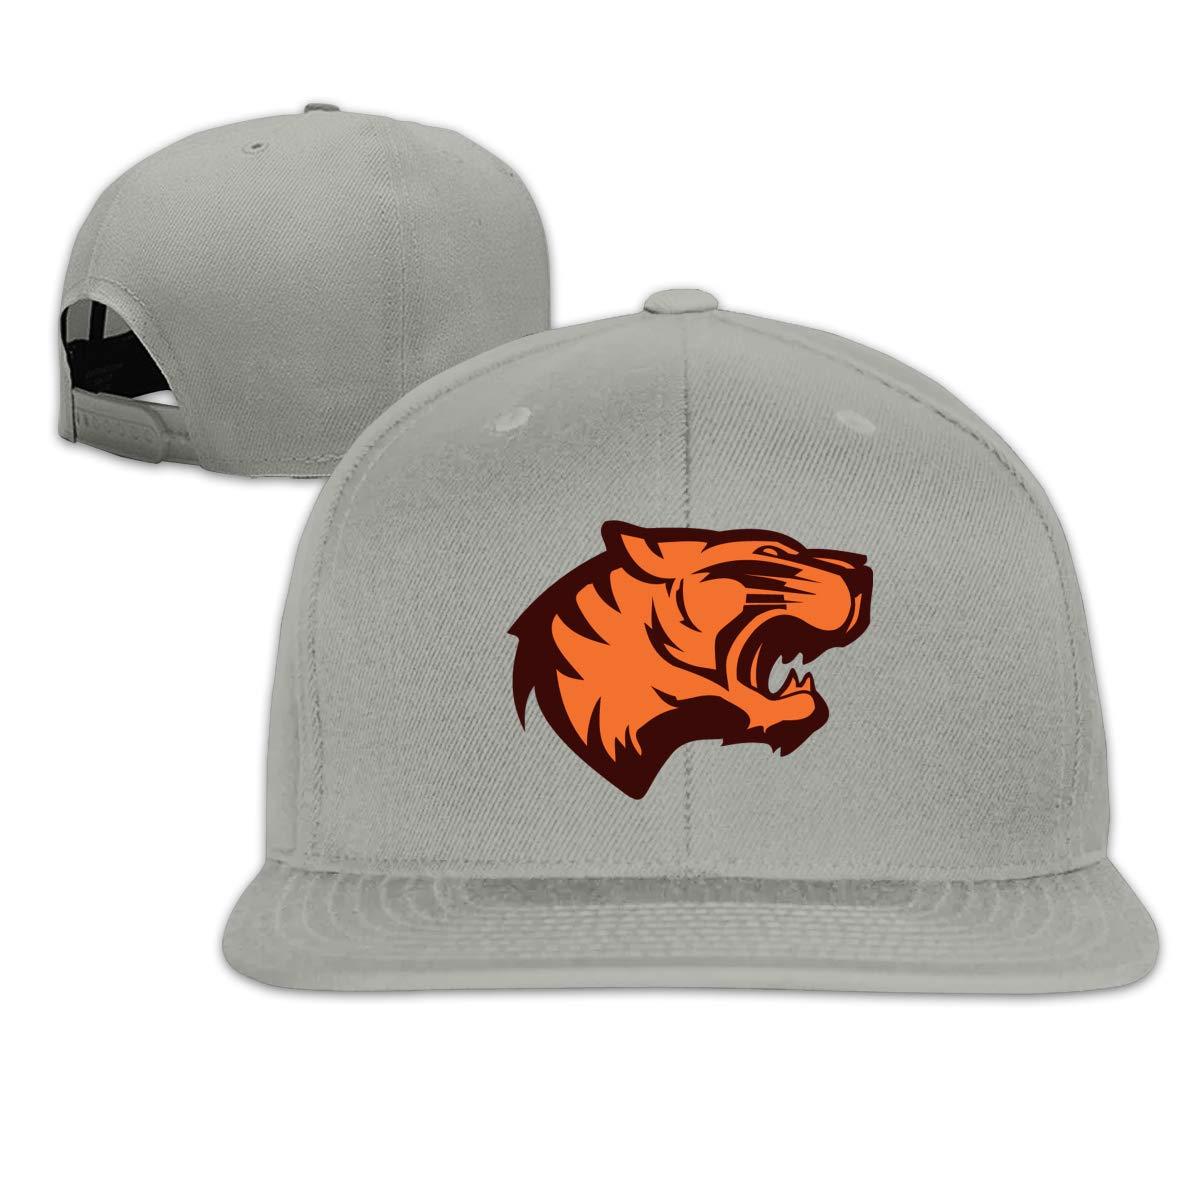 Tiger Face Flat Brim Baseball Cap Adjustable Snapback Trucker Hat Caps Hip Hop Hat